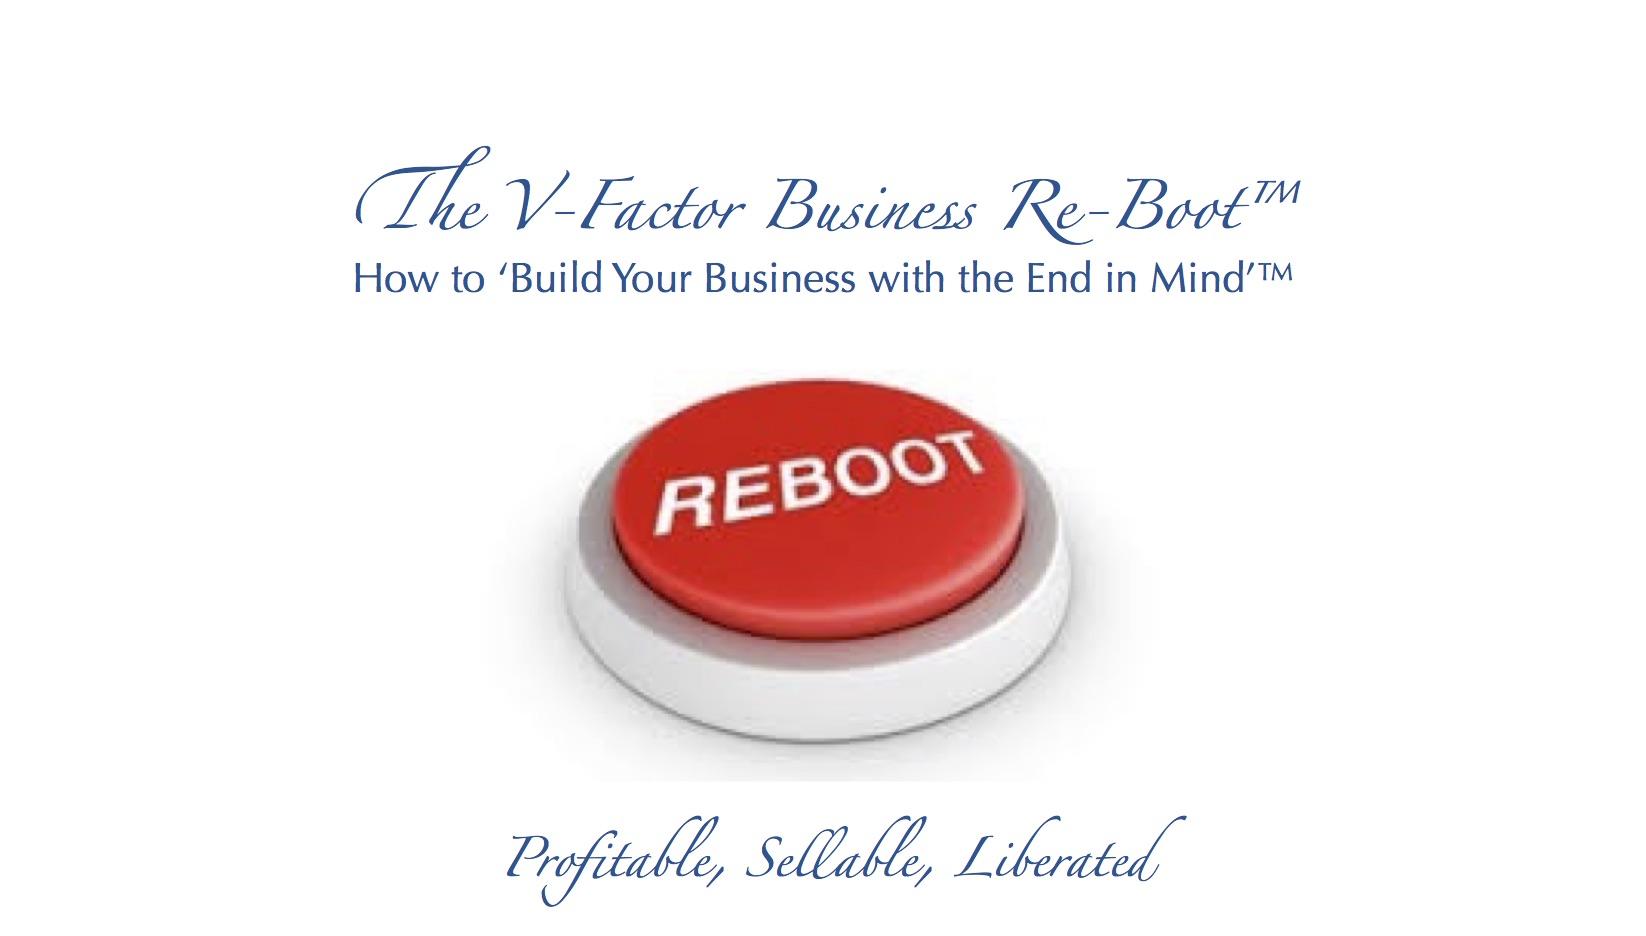 V-Factor Business Reboot